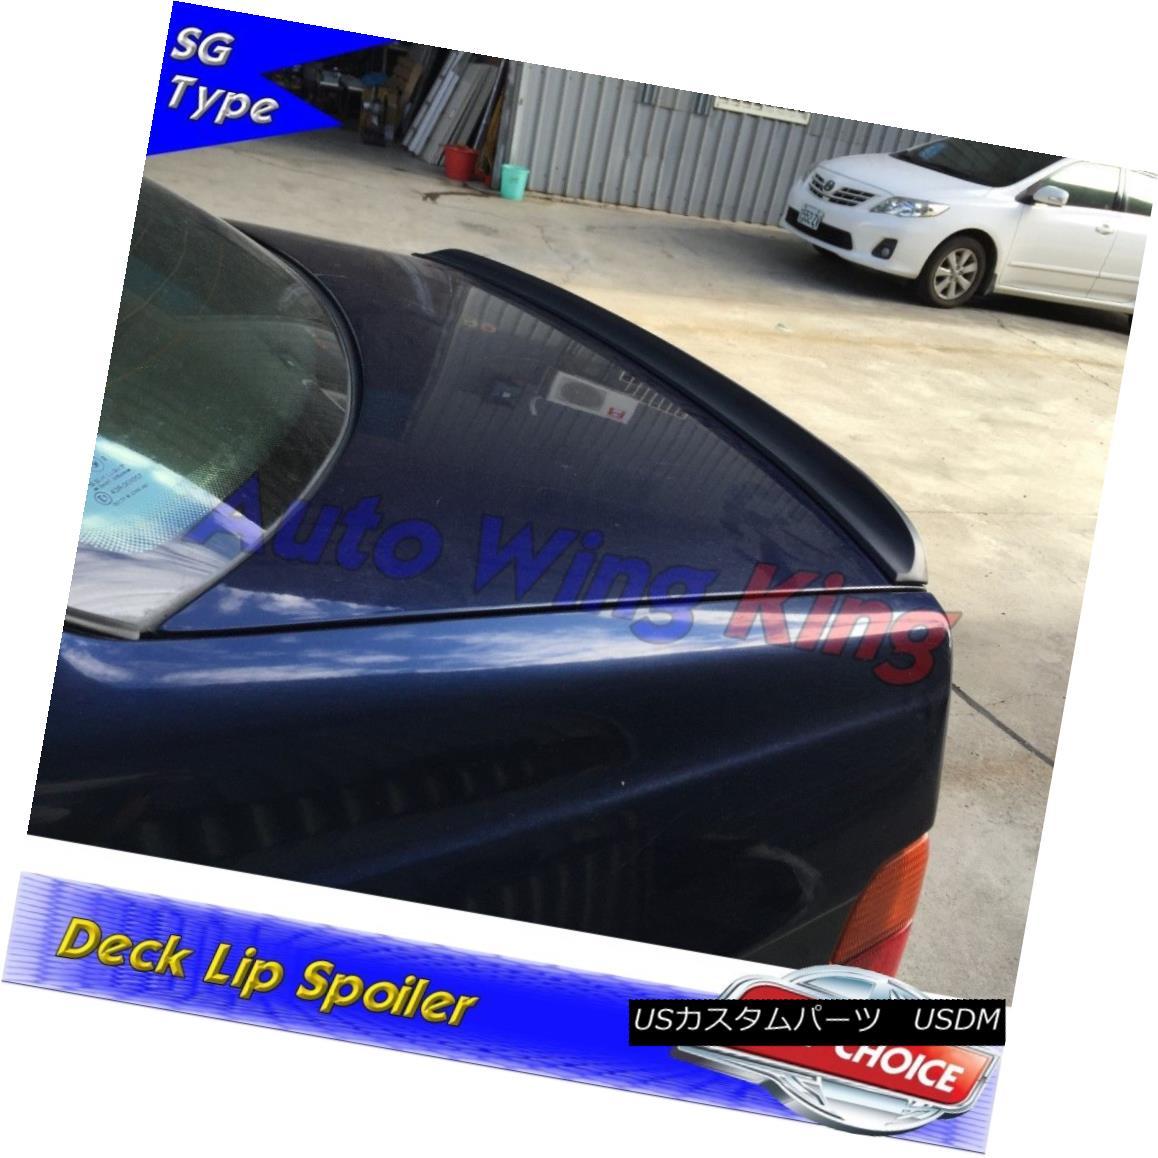 エアロパーツ Painted 244SG Type Trunk Lip Spoiler For Mercedes-Benz CLS W219 Sedan 2004~10 メルセデスベンツCLS W219セダン用塗装244SGタイプトランクリップスポイラー2004?10